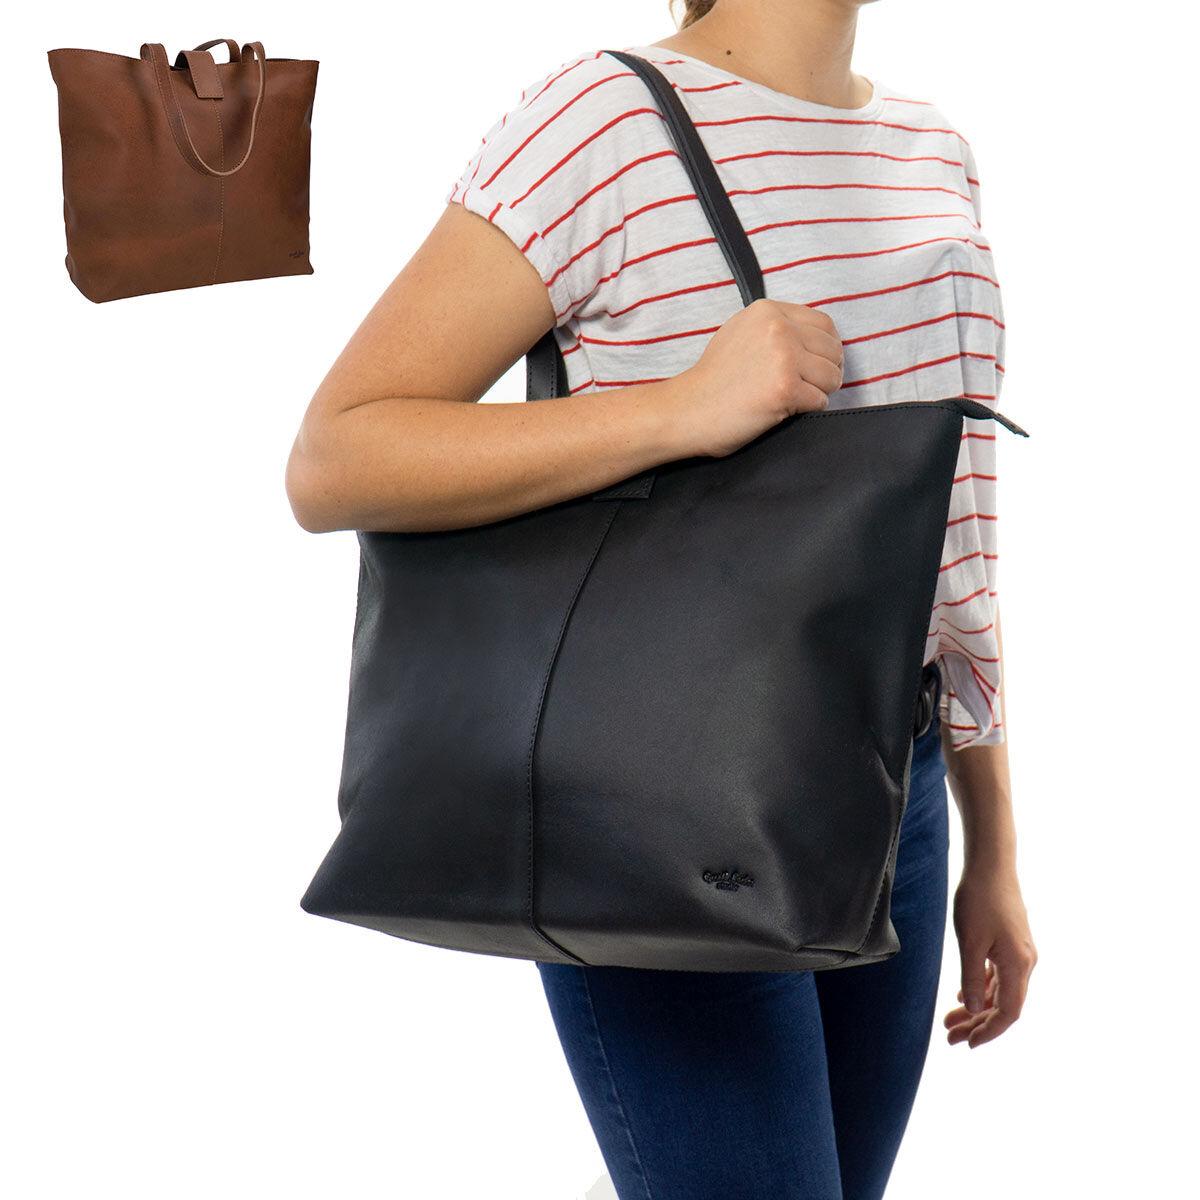 Outlet Handtasche – kleinere Lederfehler - fehlerhaftes Design - ansonsten neu – Siehe Video